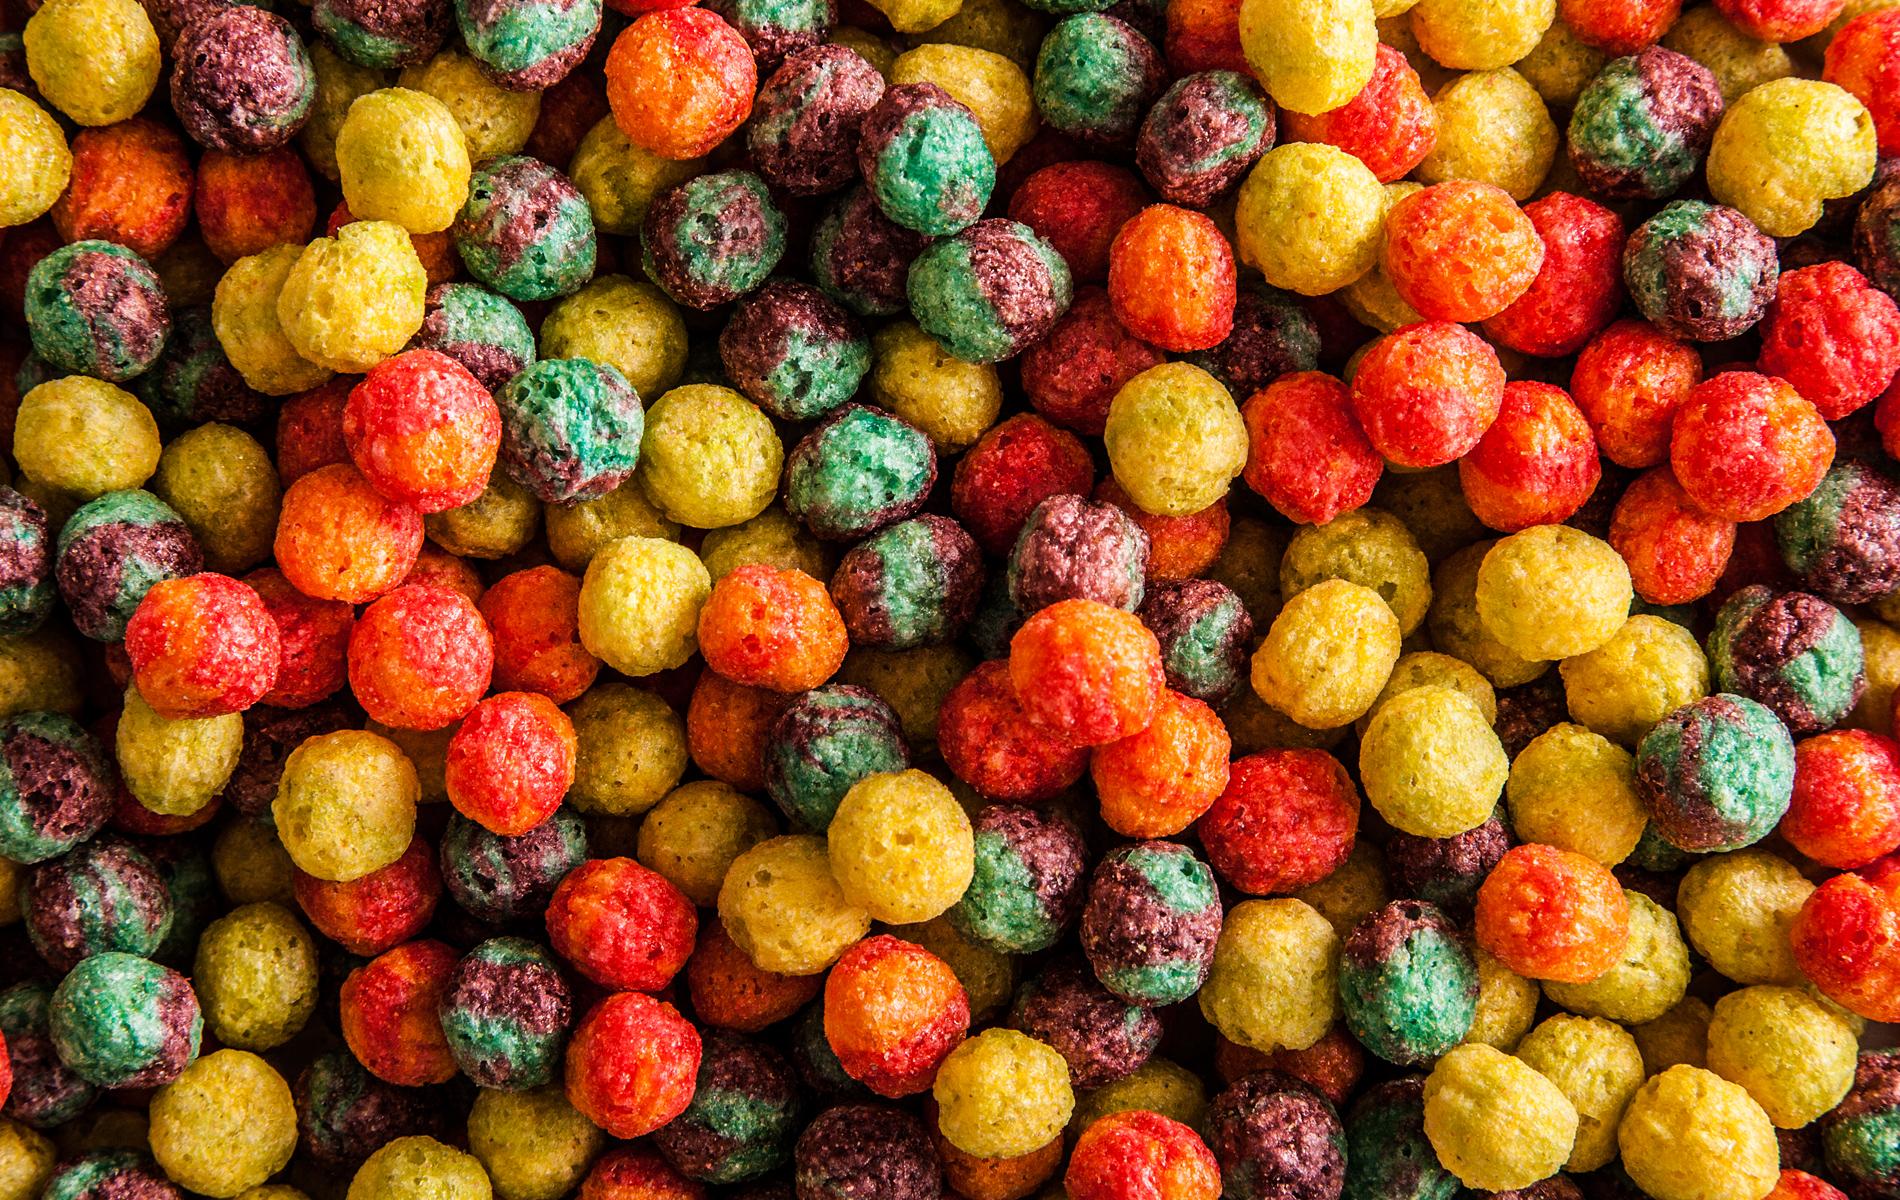 Best 53 Trix Cereal Wallpaper on HipWallpaper The Matrix 1900x1200